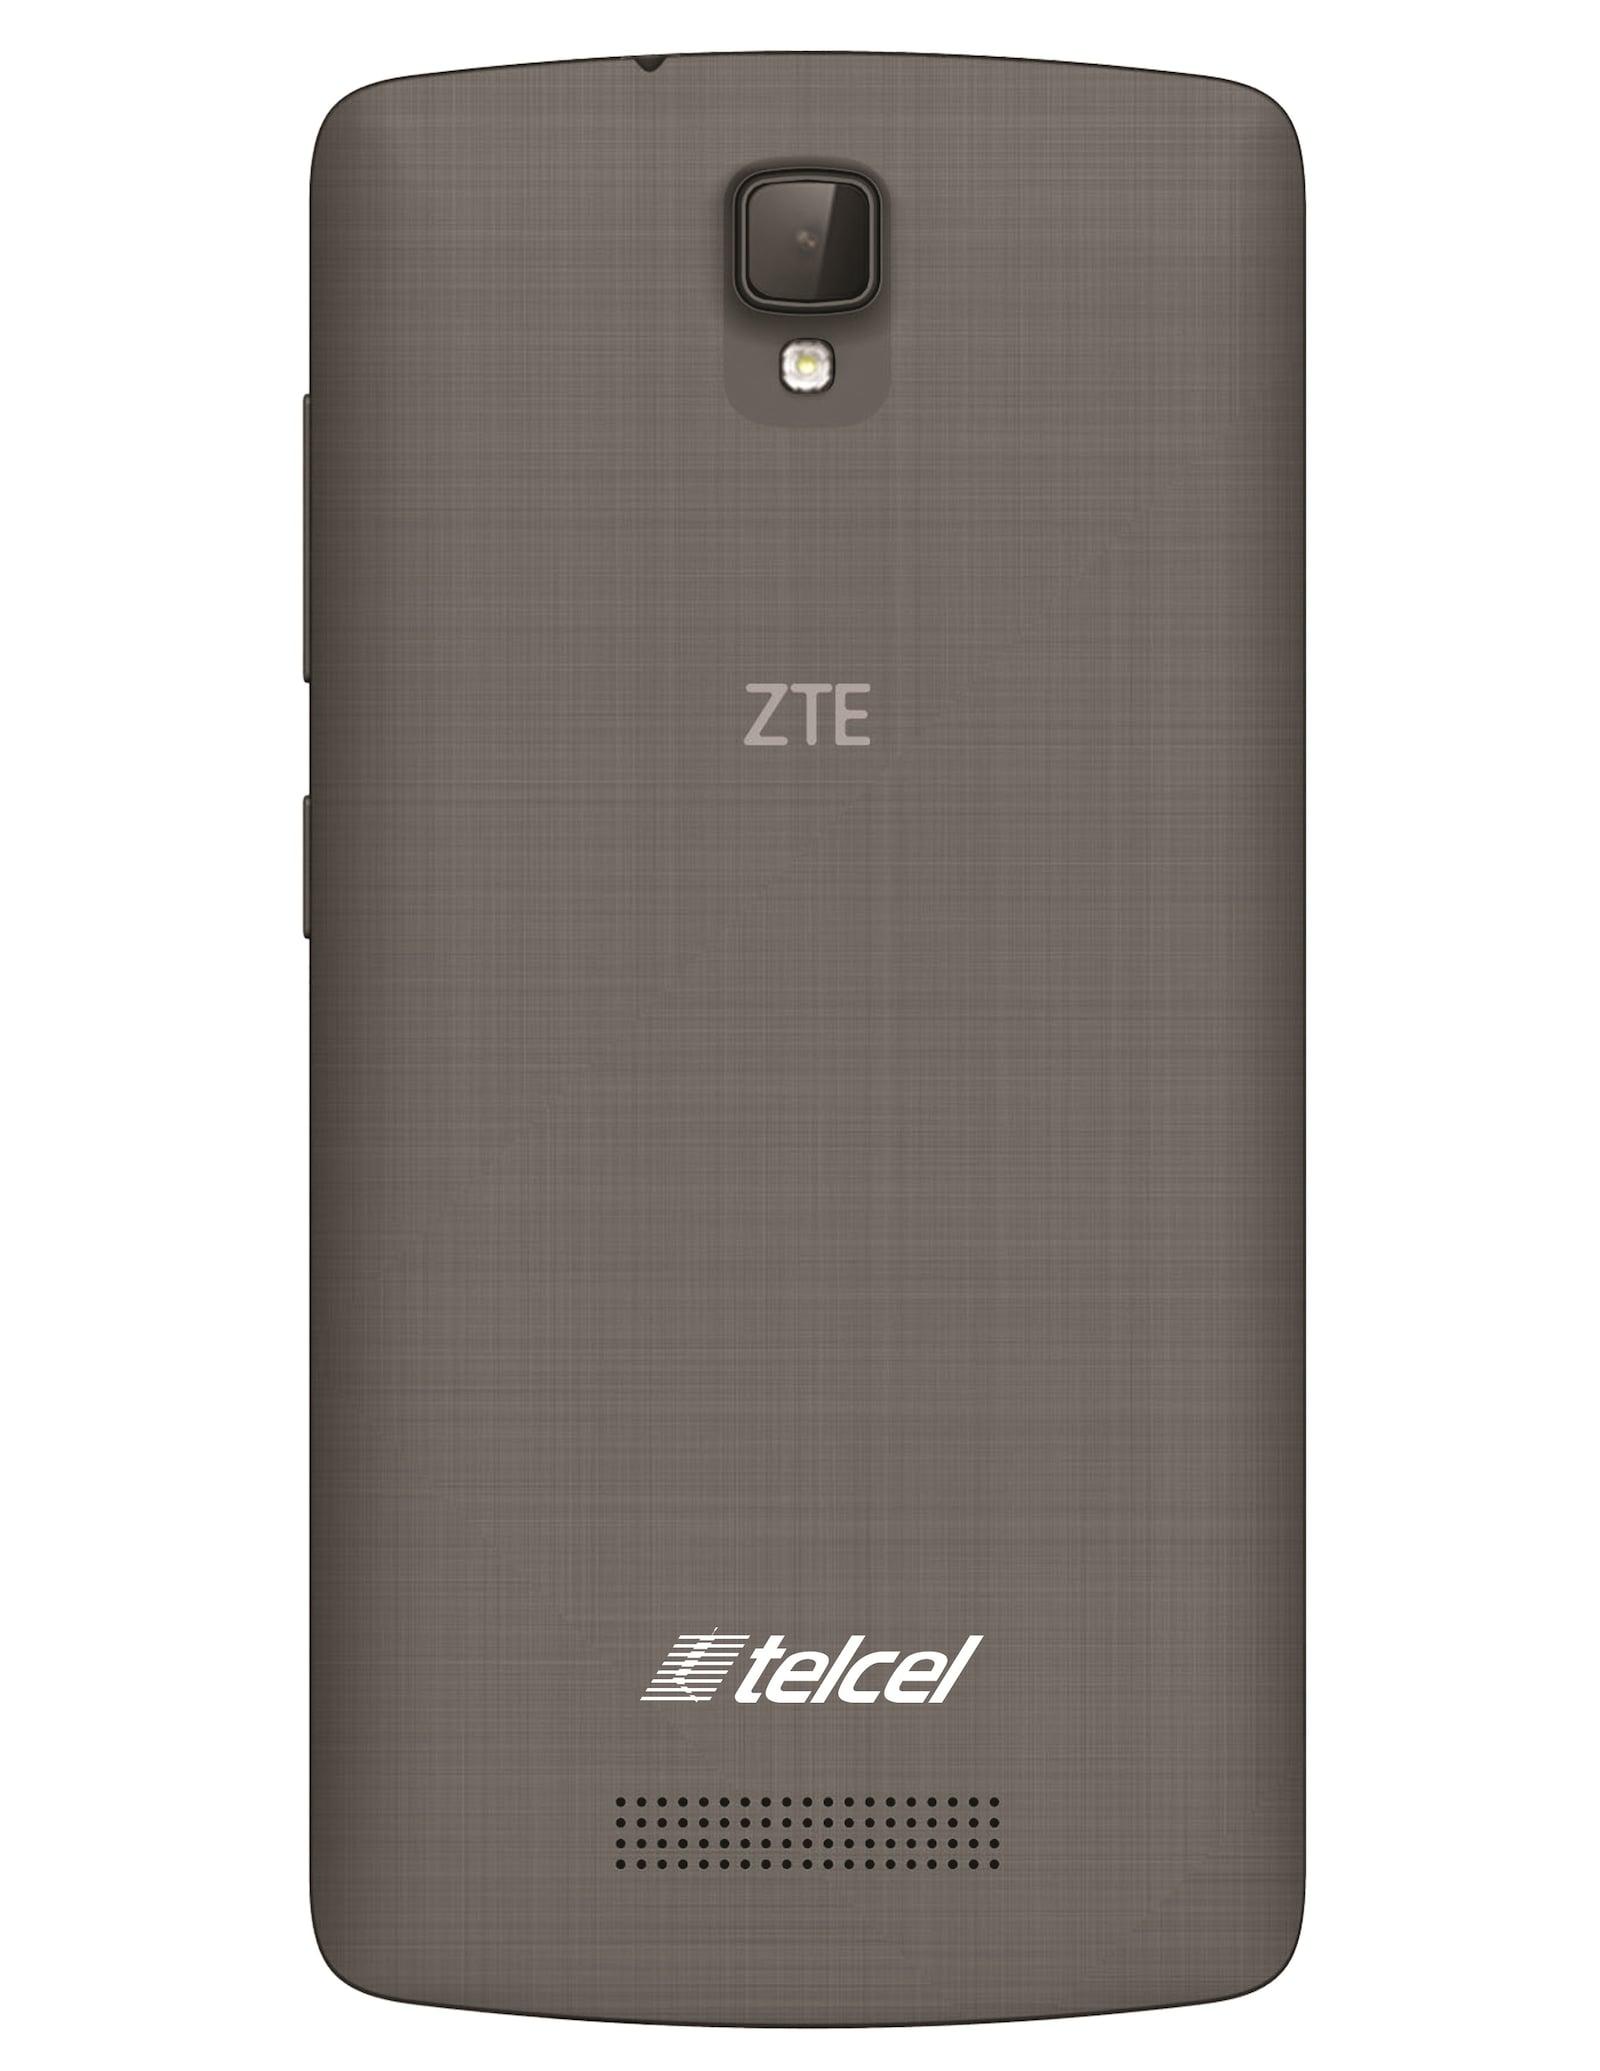 Celular Telcel ZTE G L5 Blade  Gris Color Gris